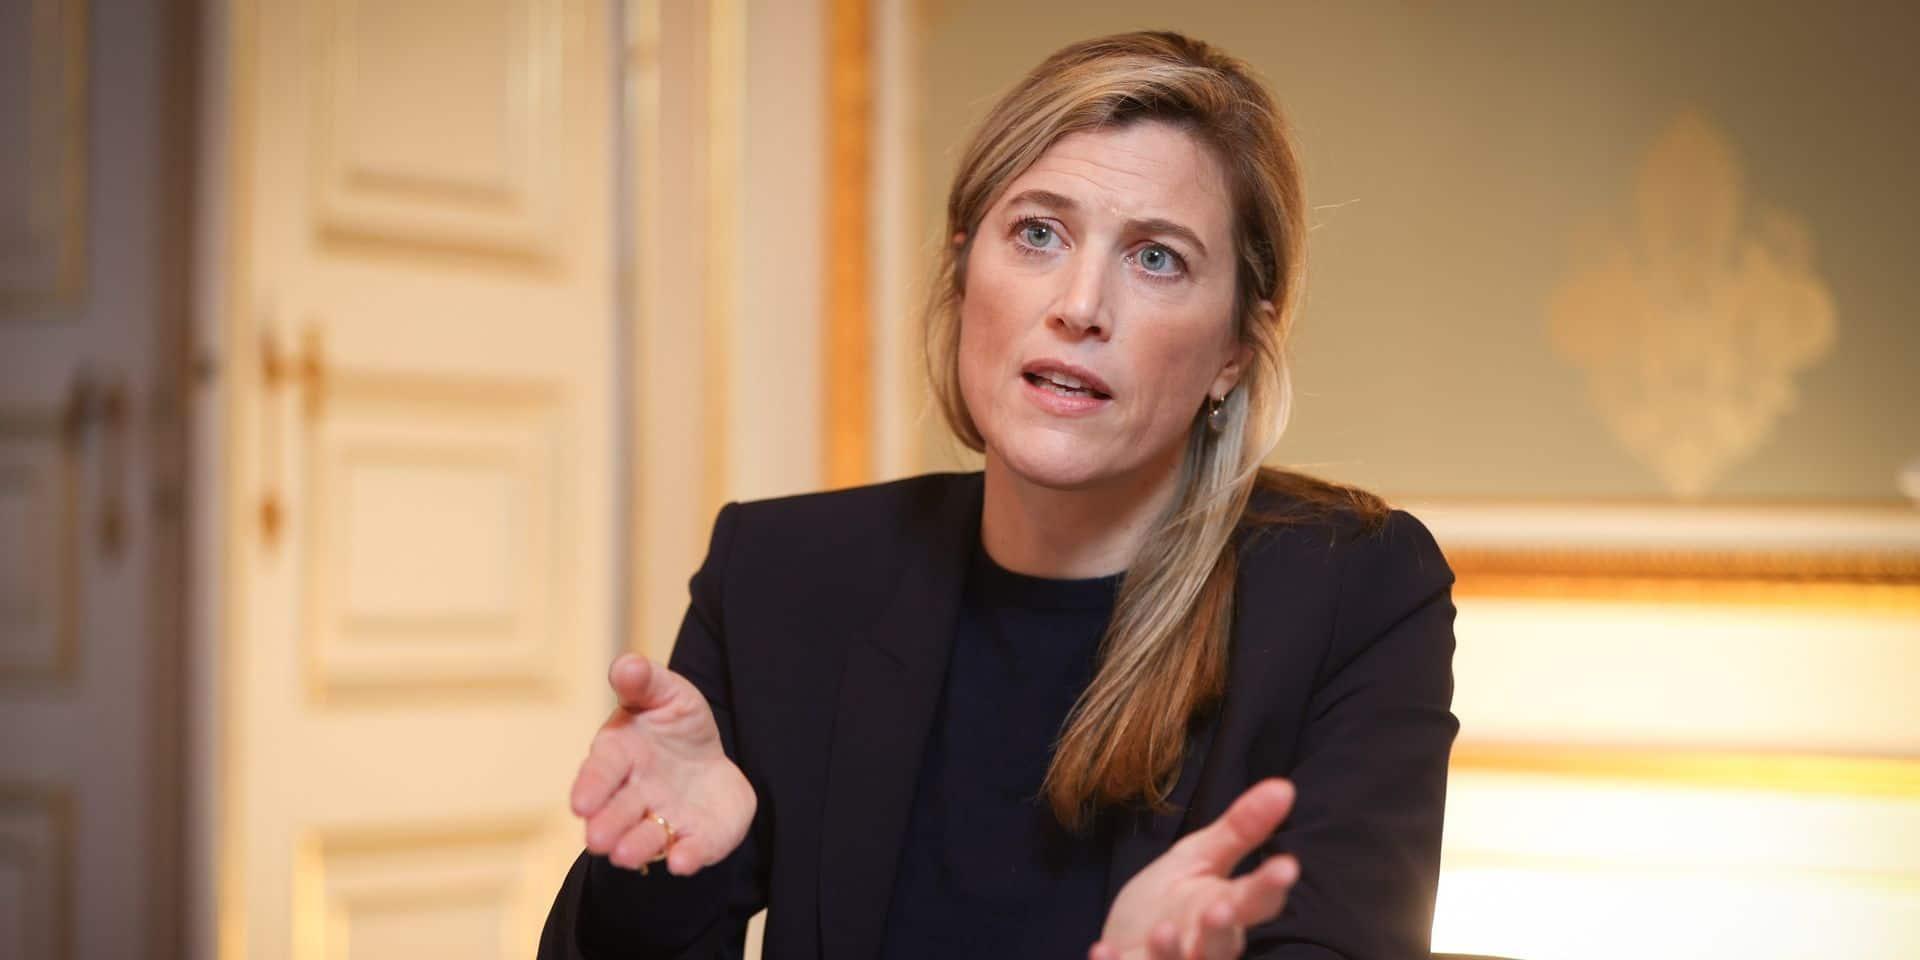 Les mesures Covid jugées illégales : la ministre de l'Intérieur fait appel